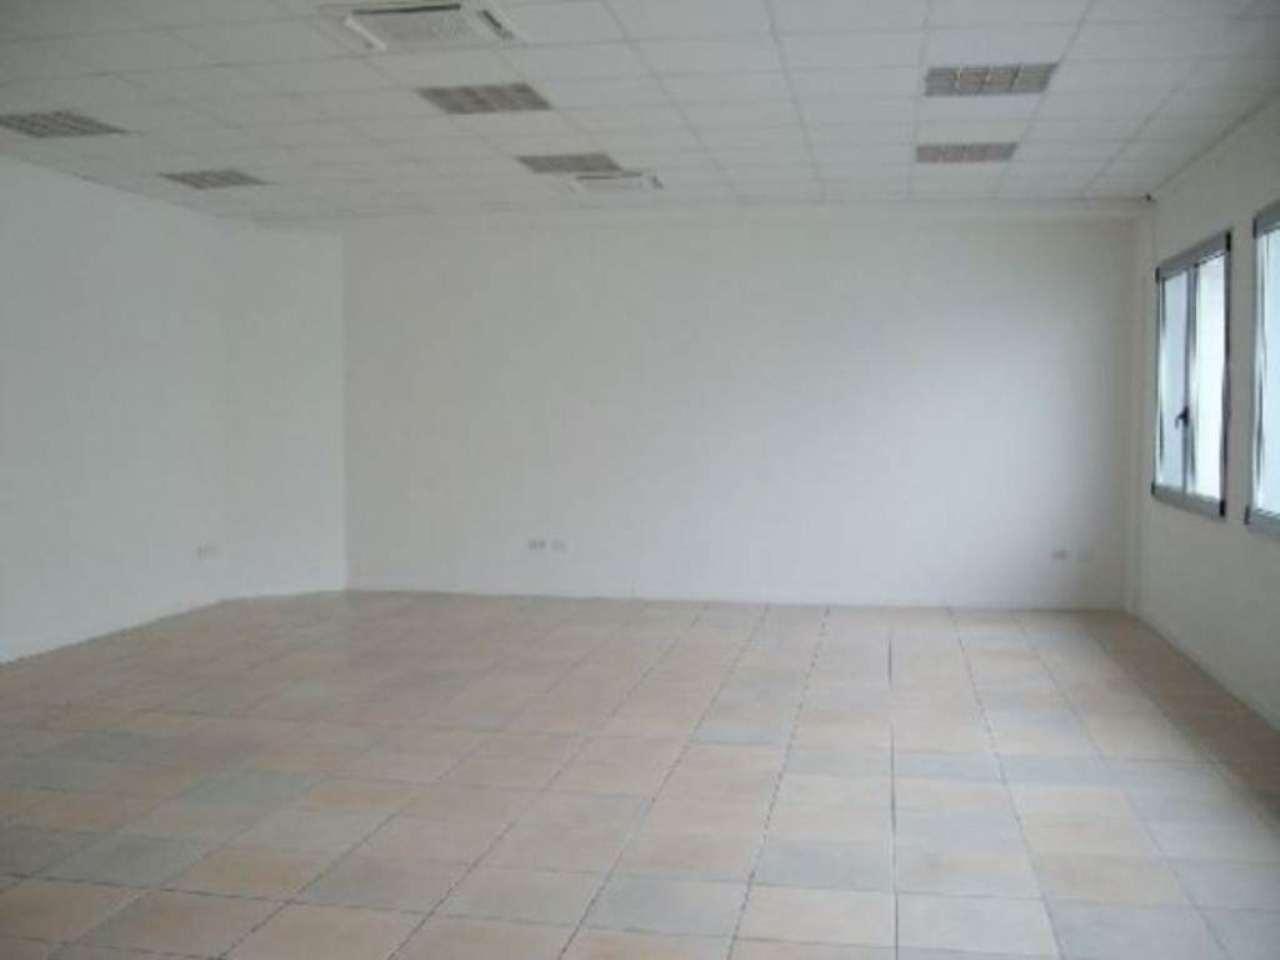 Ufficio / Studio in affitto a Spresiano, 1 locali, prezzo € 700 | Cambio Casa.it